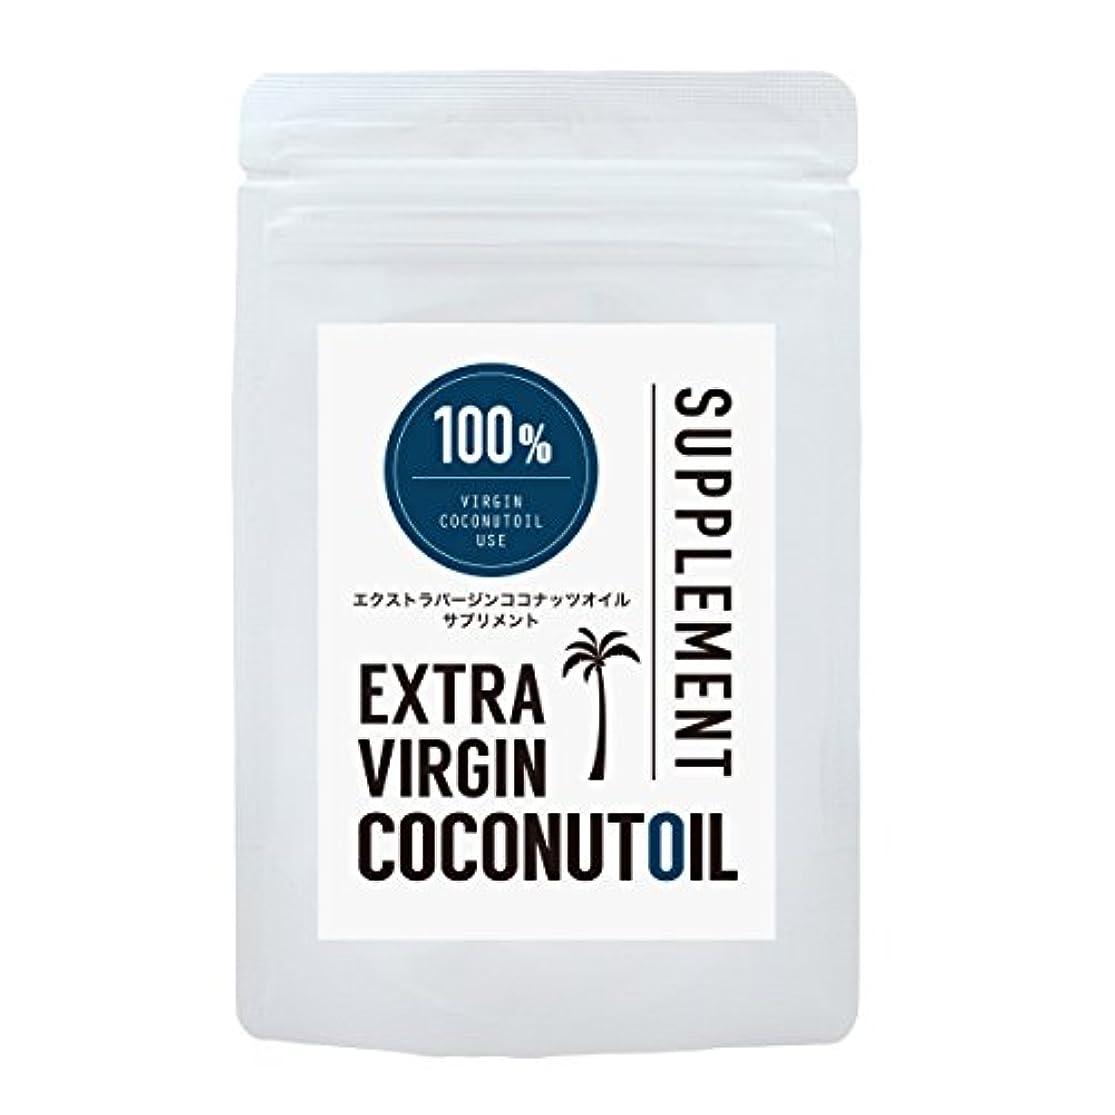 分離我慢する同行するエクストラヴァージン ココナッツオイル サプリメント 90粒入り 無臭 カプセルタイプ